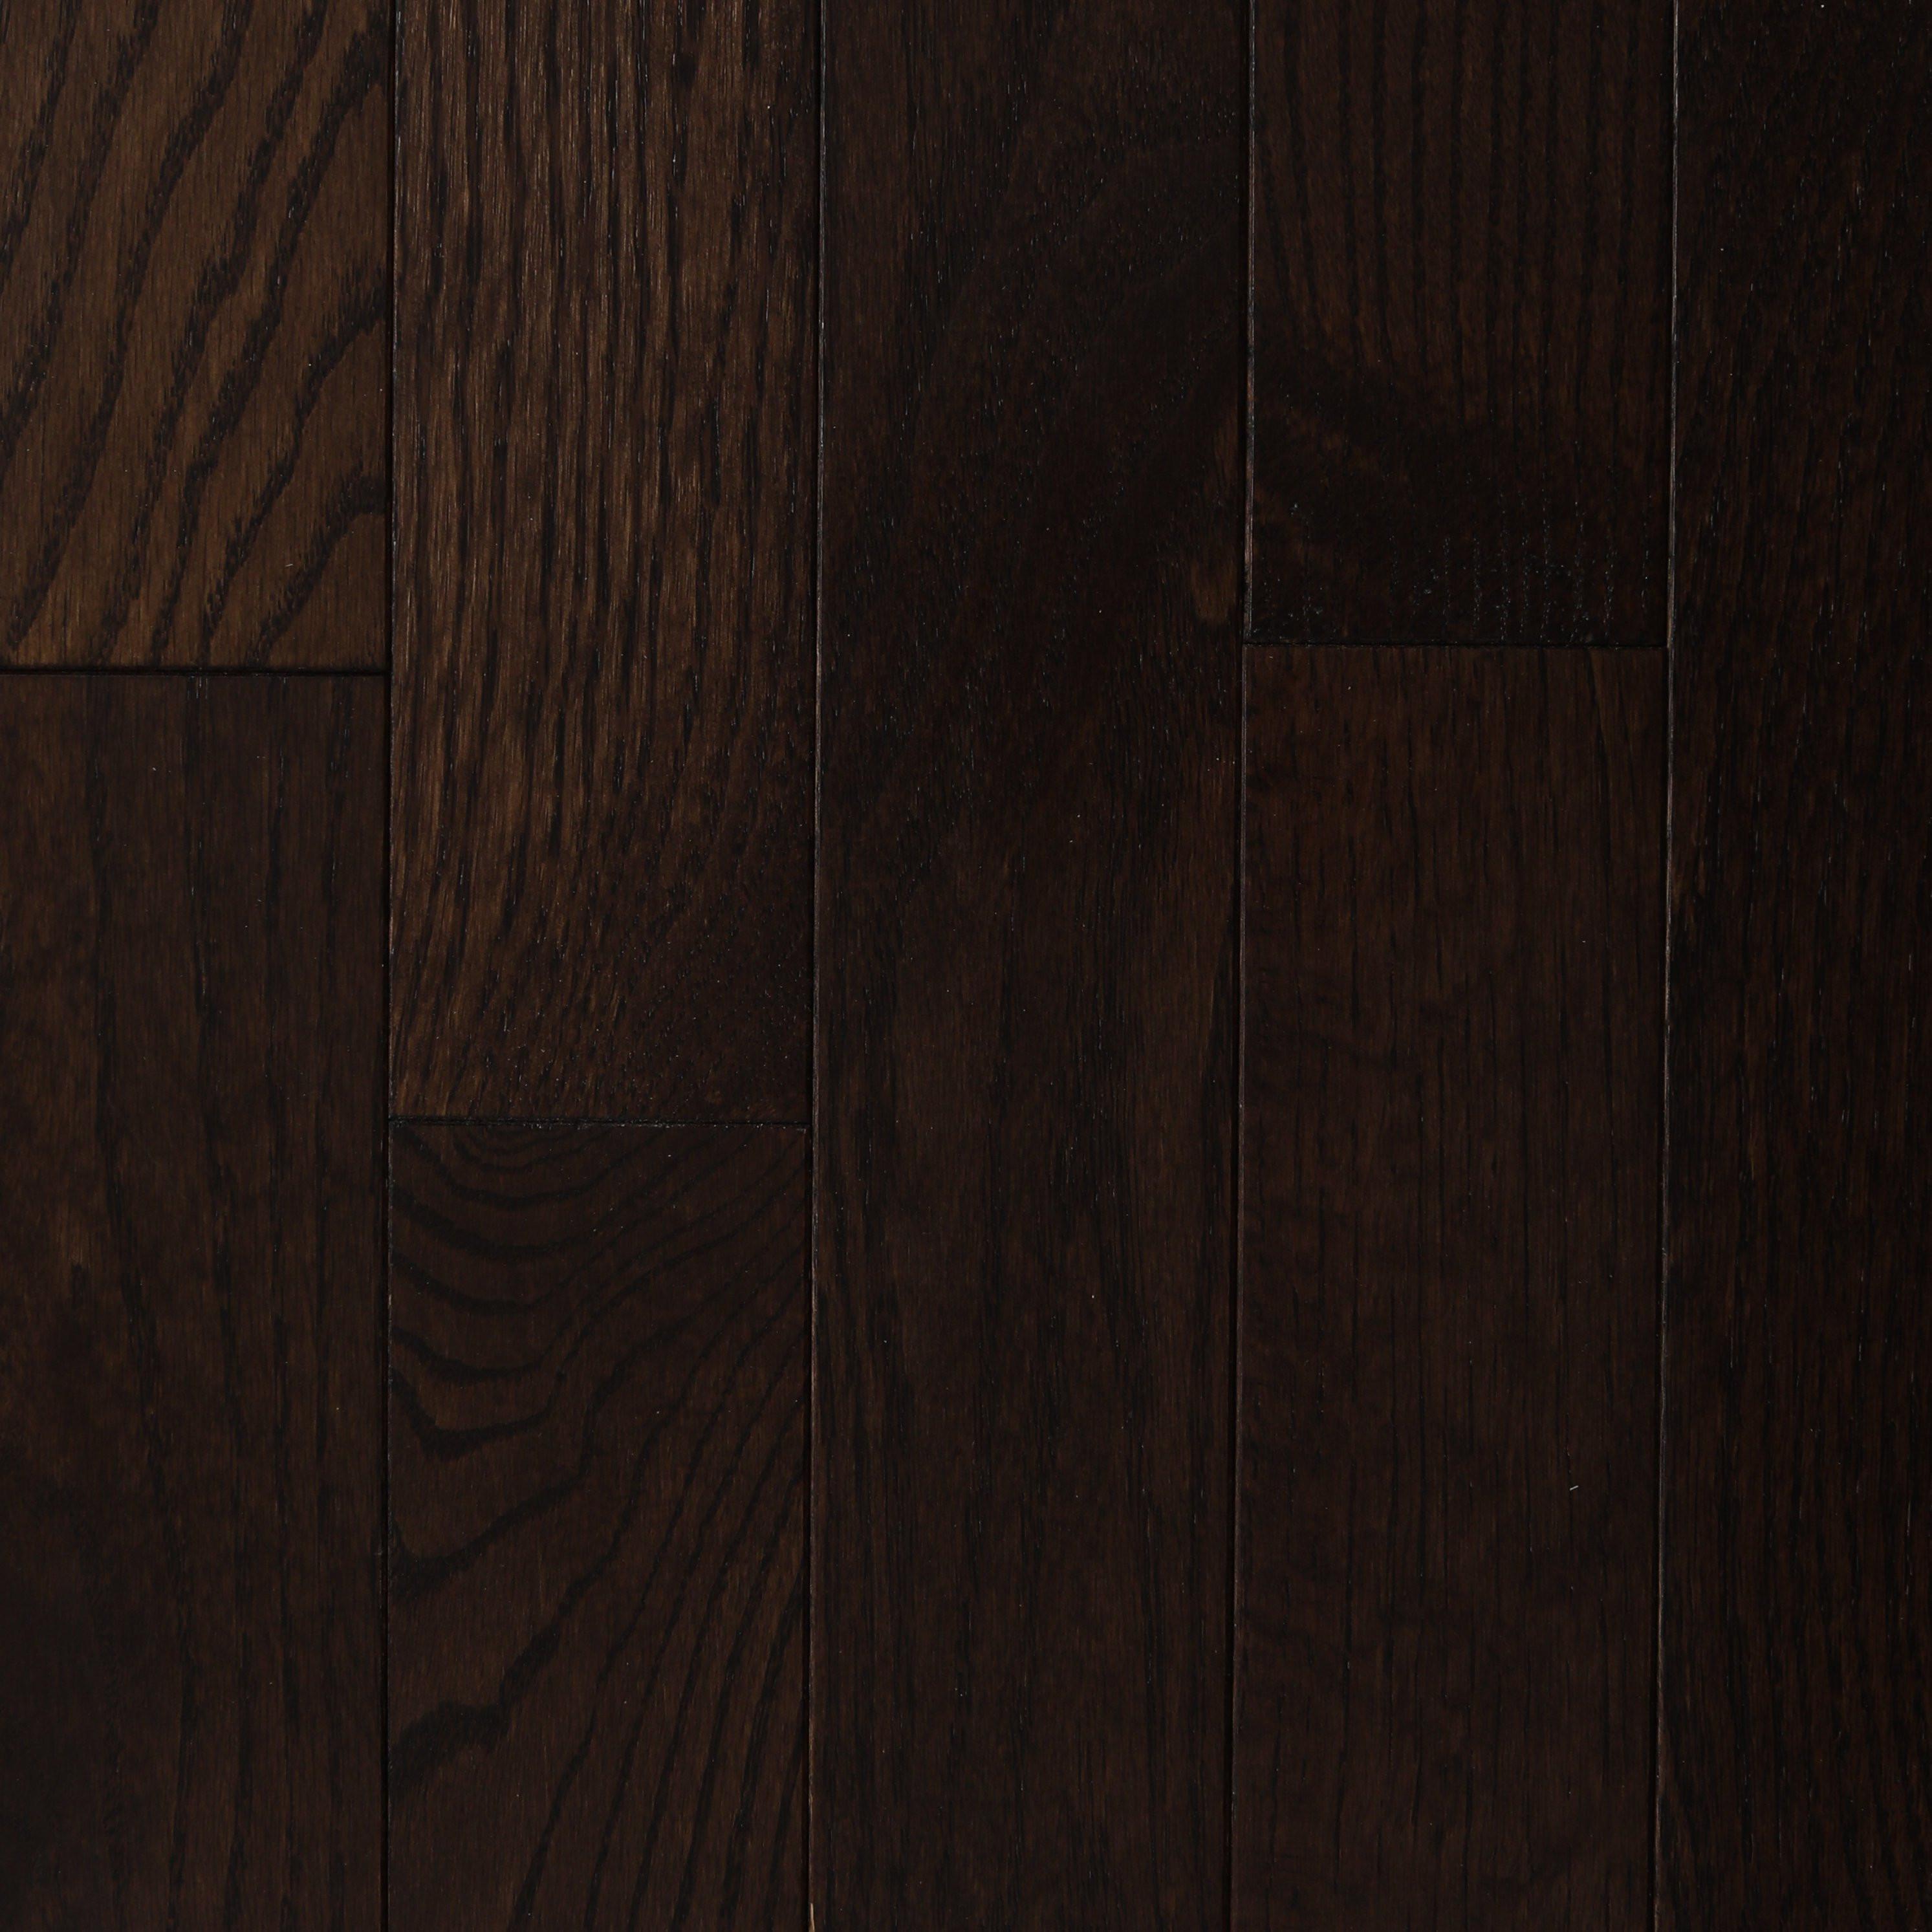 dark hardwood floor living room ideas of 89 dark wood flooring samples flooring best dark wood floors for for o dark hardwood floor sample brilliant branton flooring collection st tropez solid oak